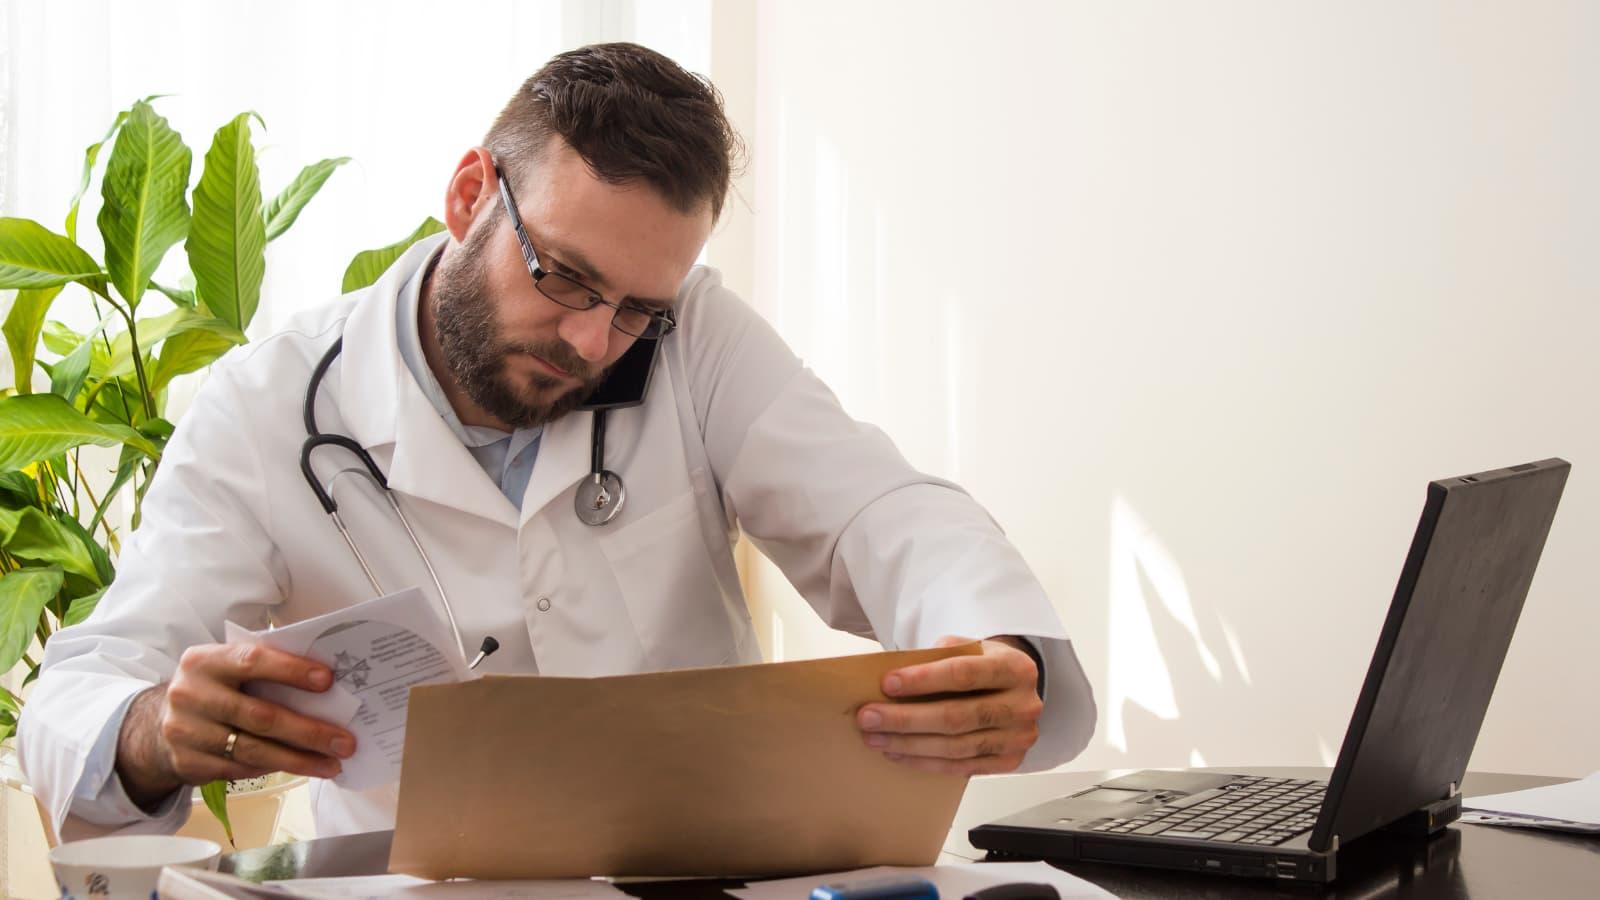 Consulta médica telefónica o videoconsulta: ¿cuál es mejor?